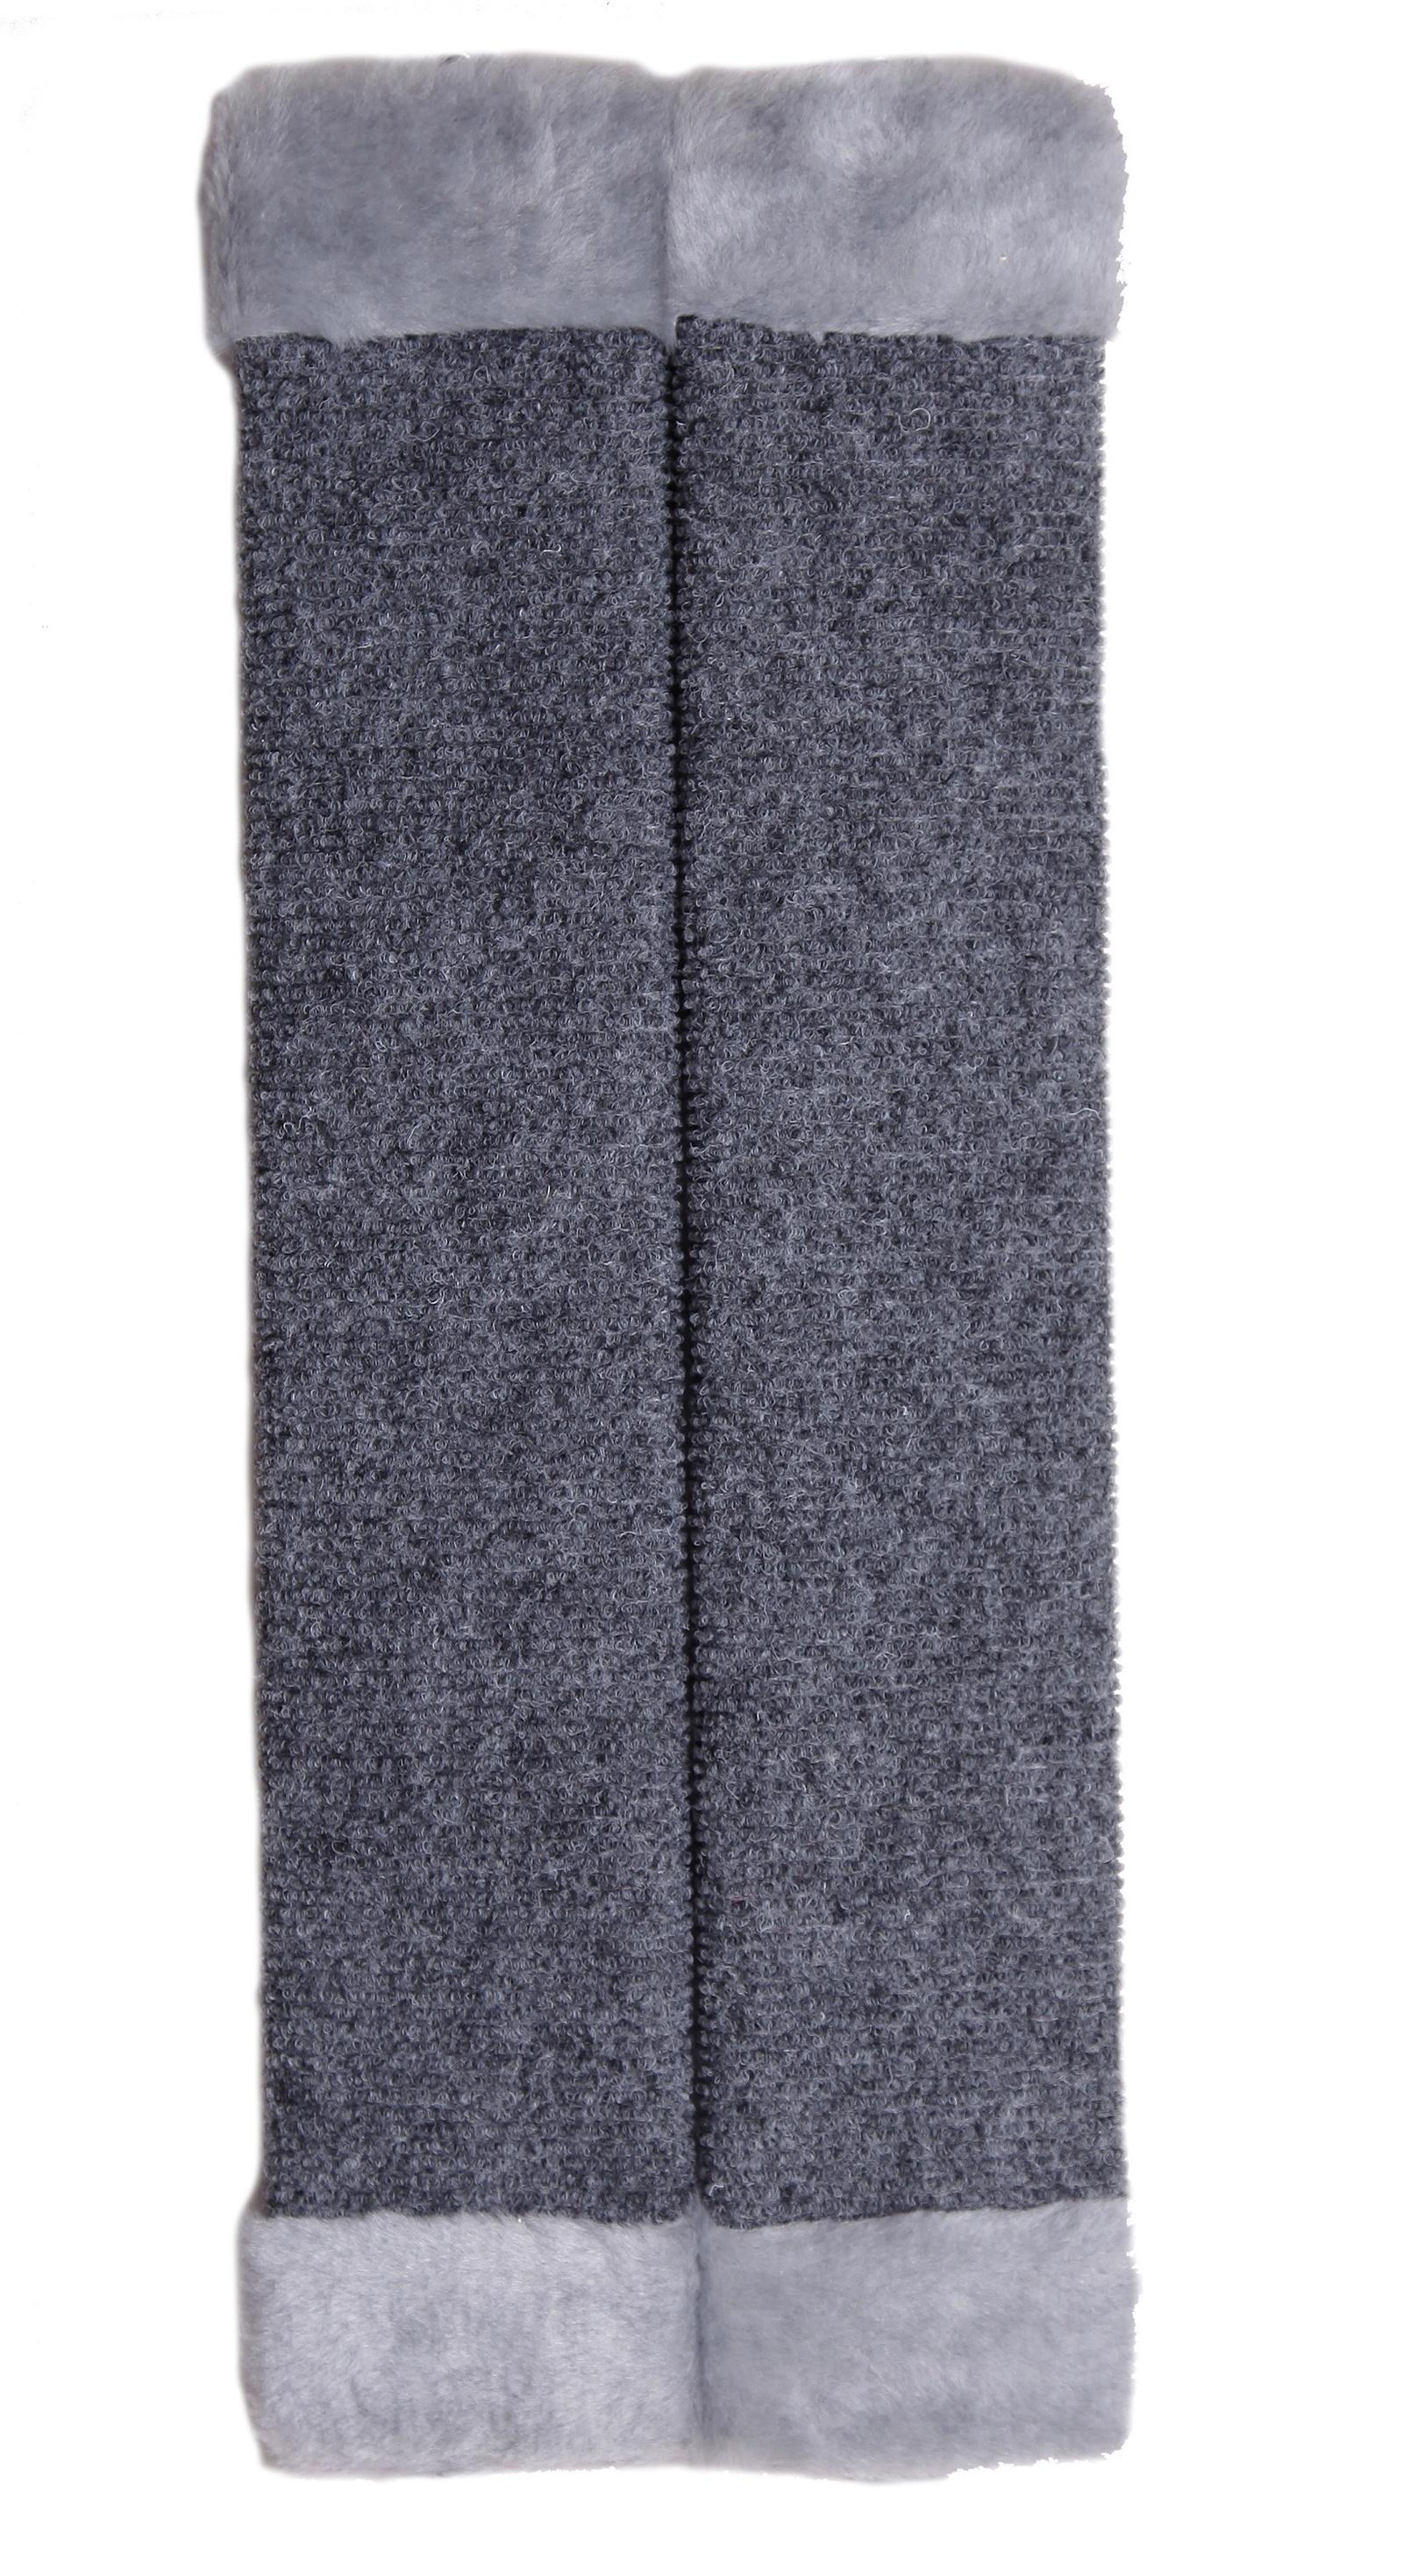 Когтеточка JOY ковровая угловая, серый